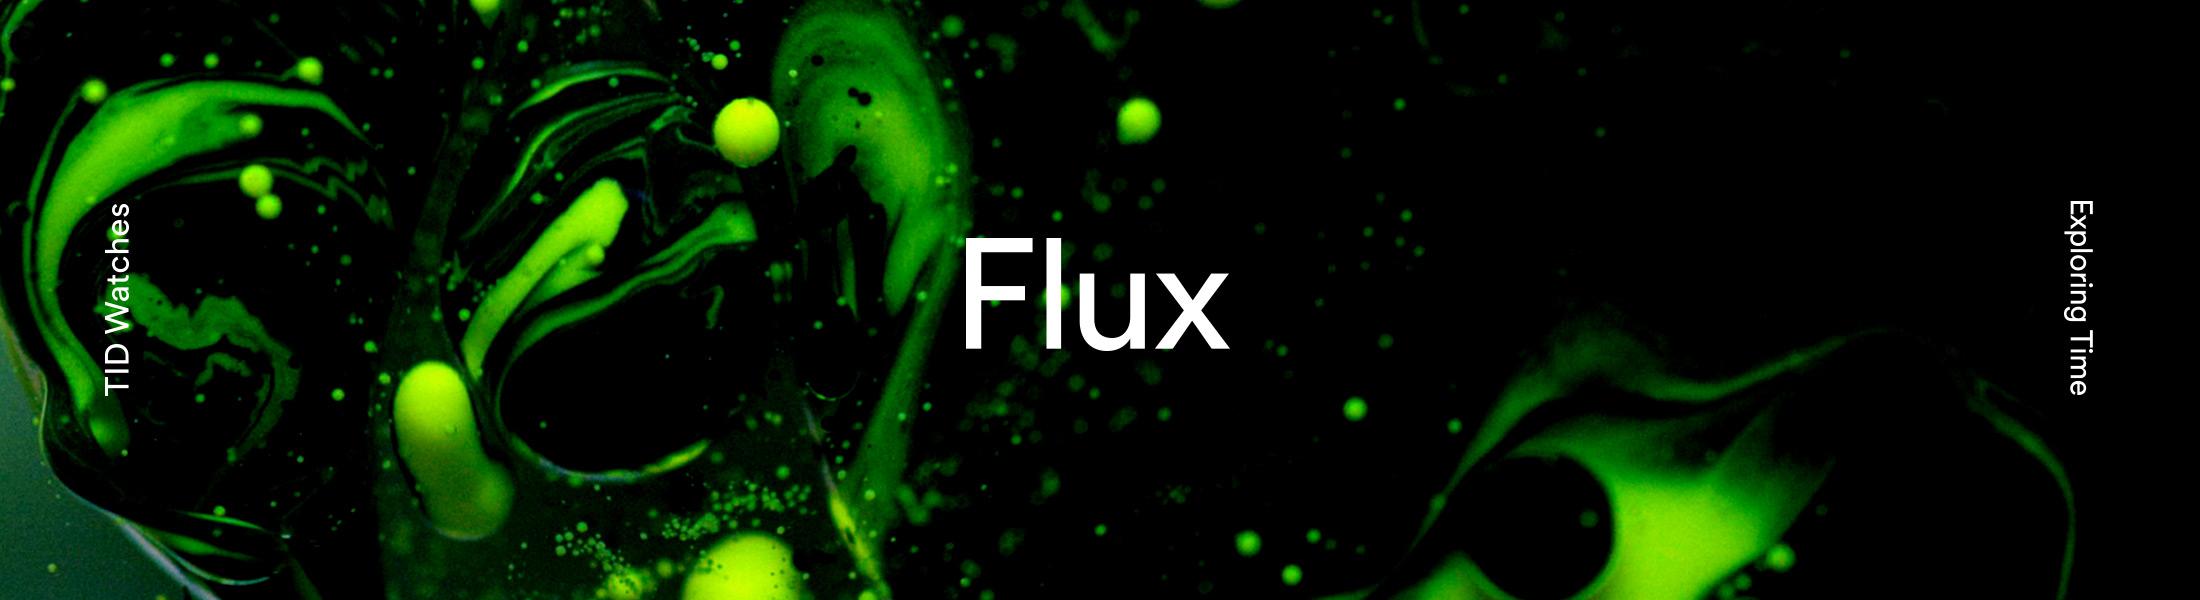 flux_hero.jpg